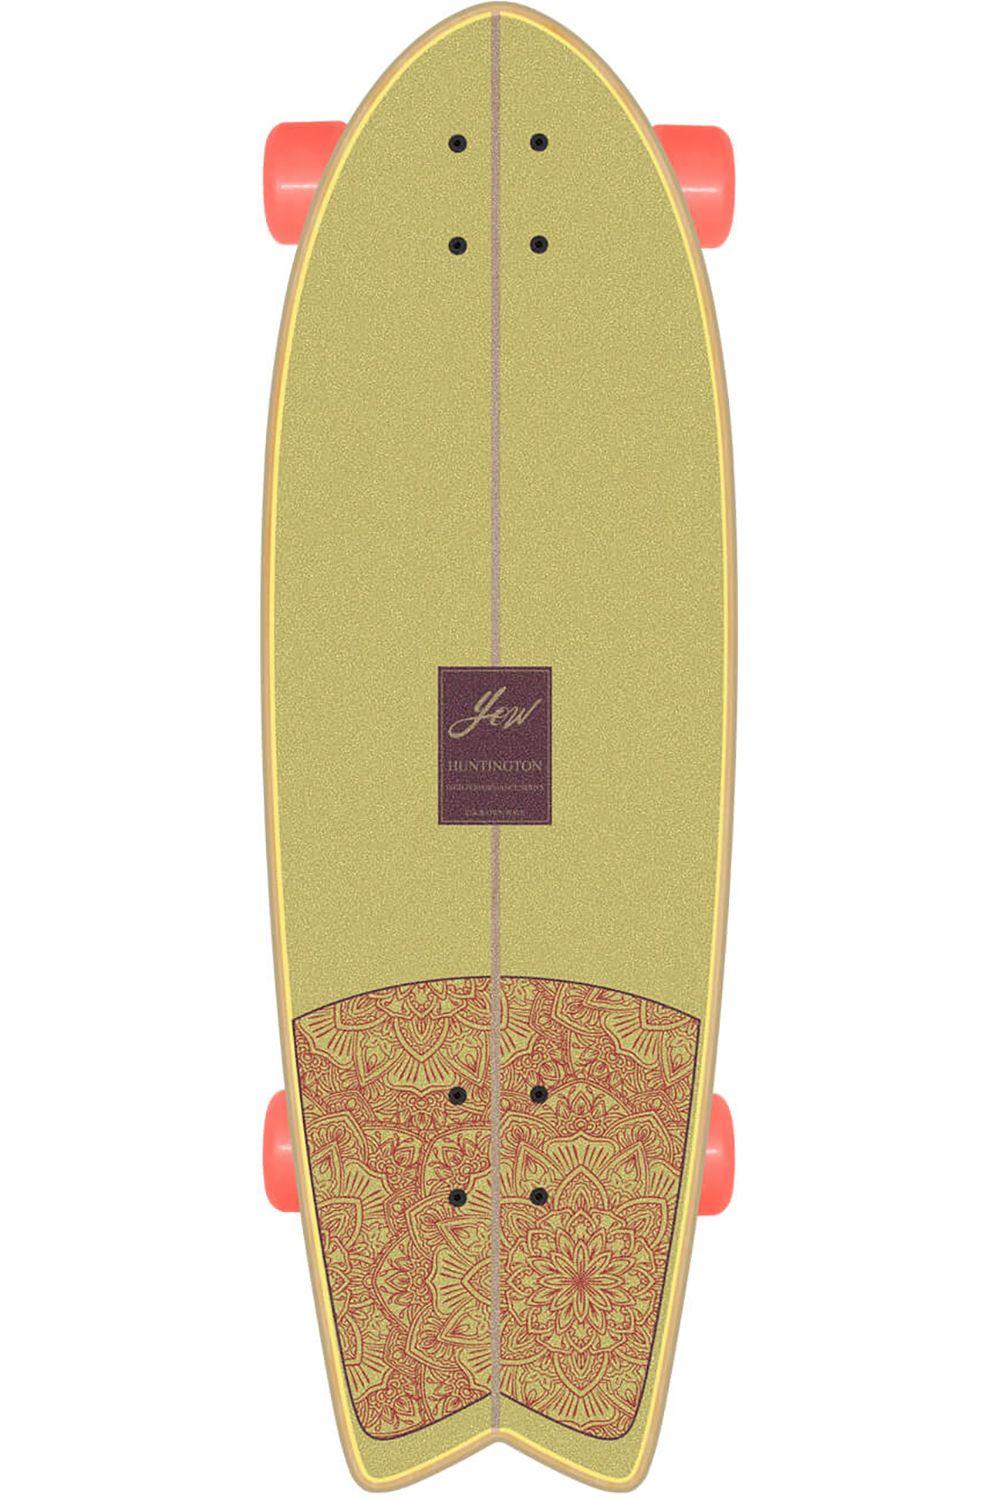 Surf Skate Yow 30